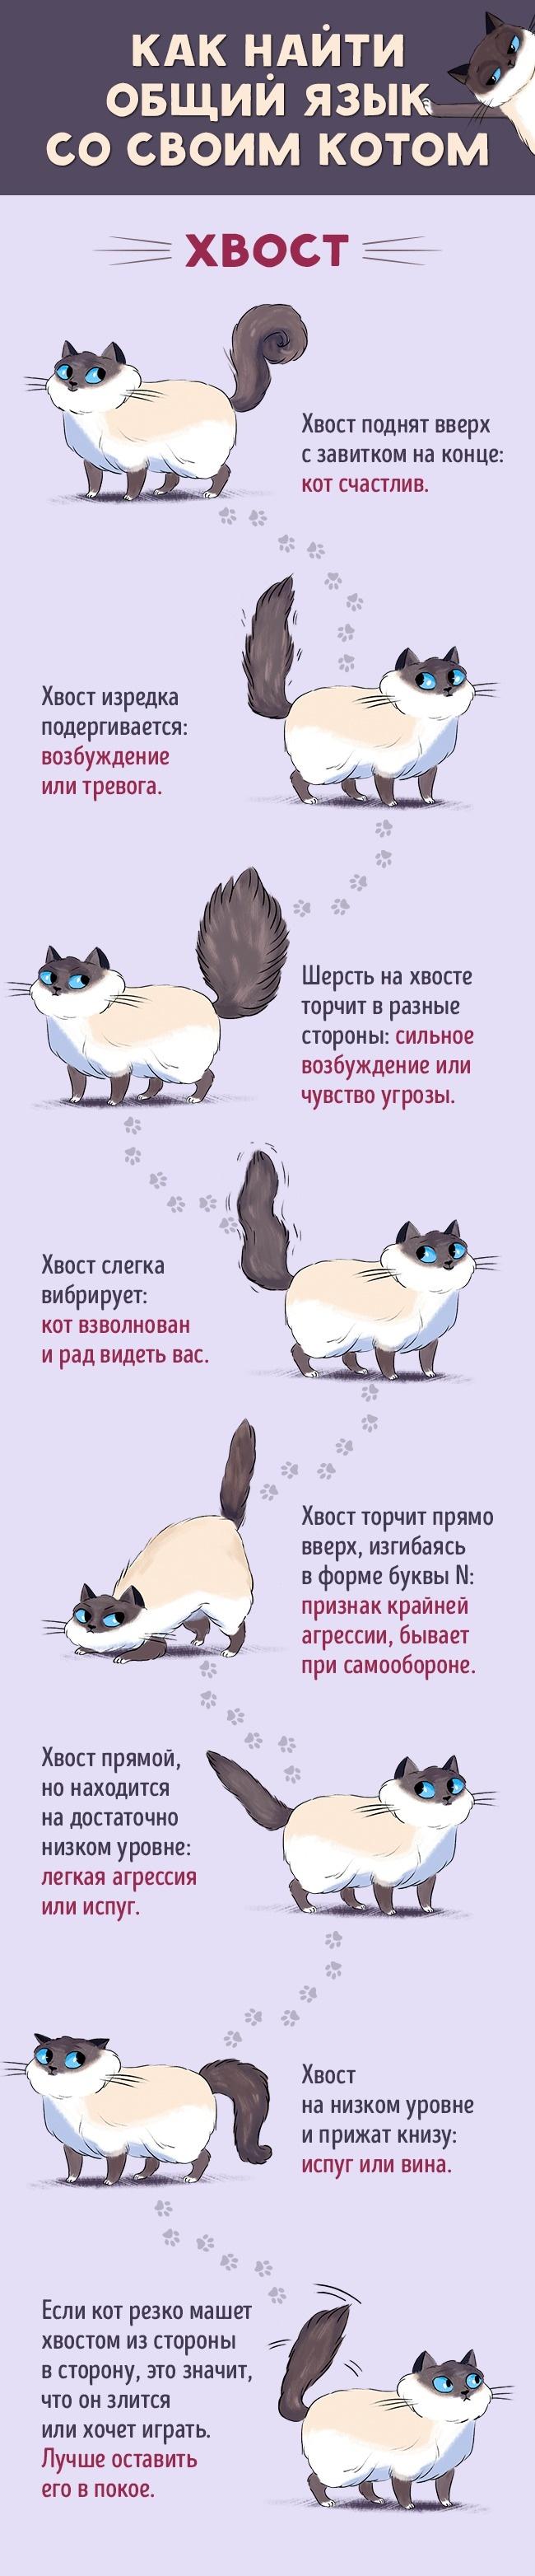 Как найти общий язык сосвоим котом (6 фото)